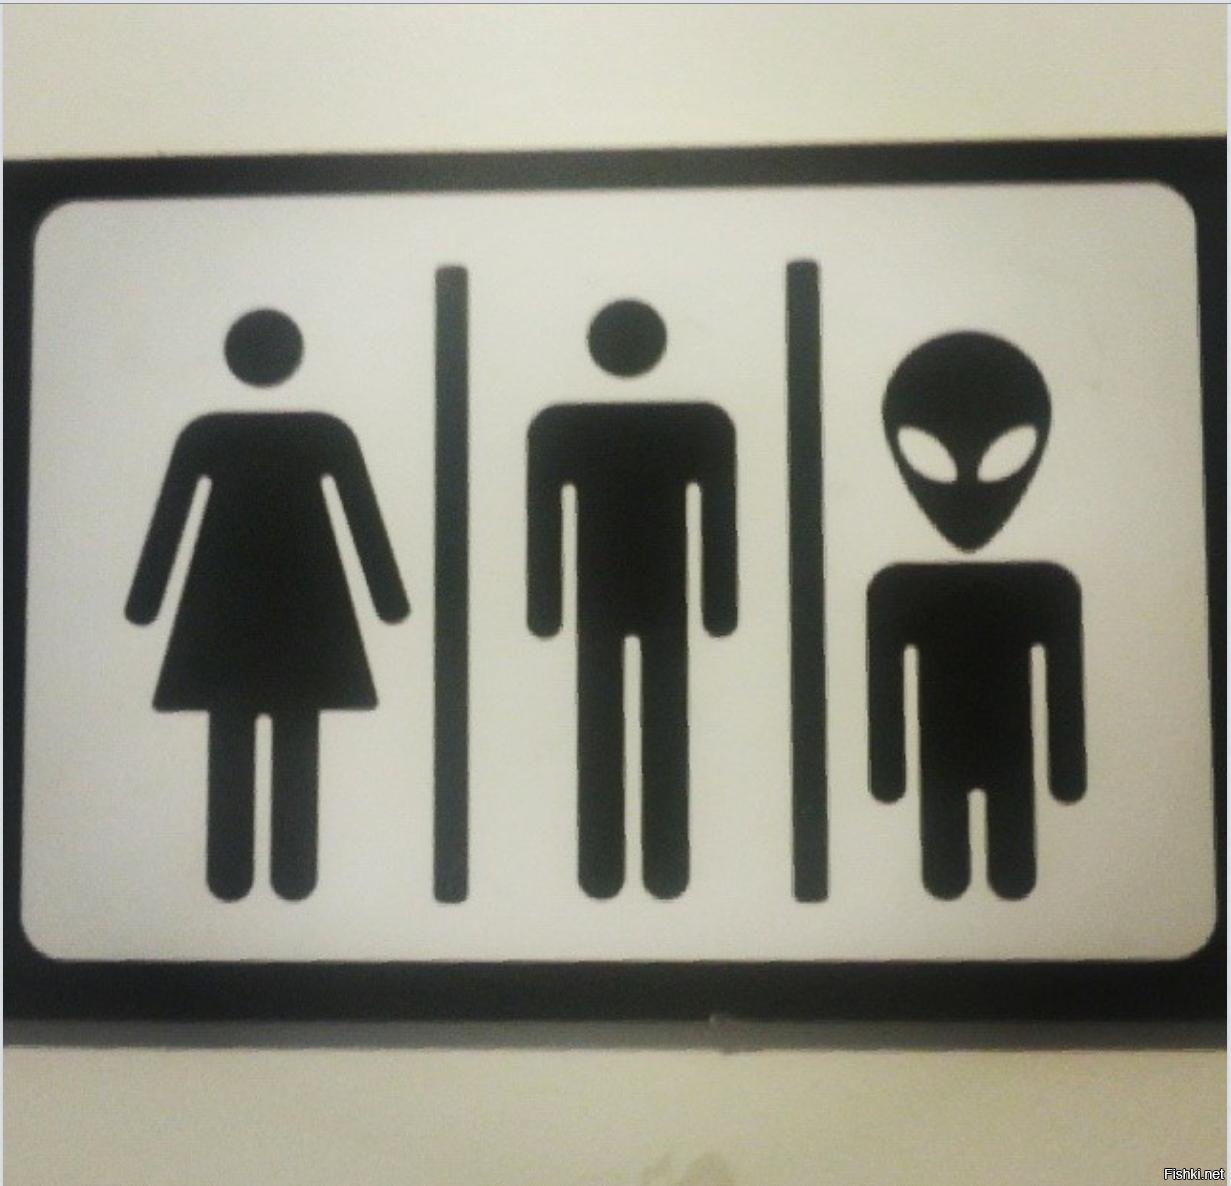 Прикольные картинки на туалеты, смс скучаю